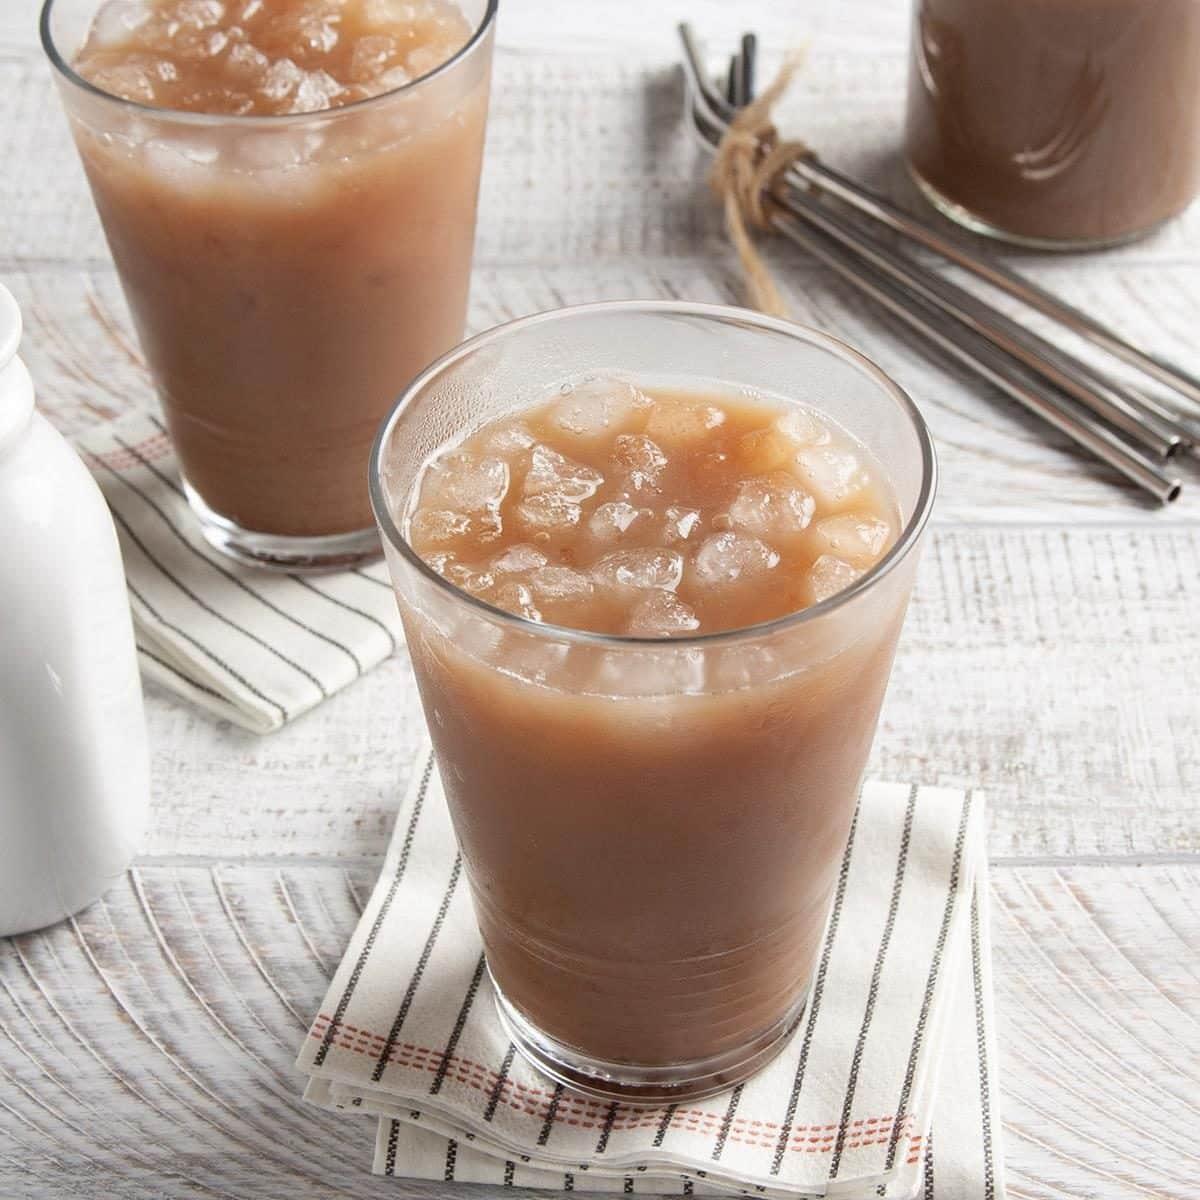 ICED COFFEE EXPS FT20 9452 F 0714 1 RECETA DE CAFÉ HELADO: CÓMO PREPARARLO